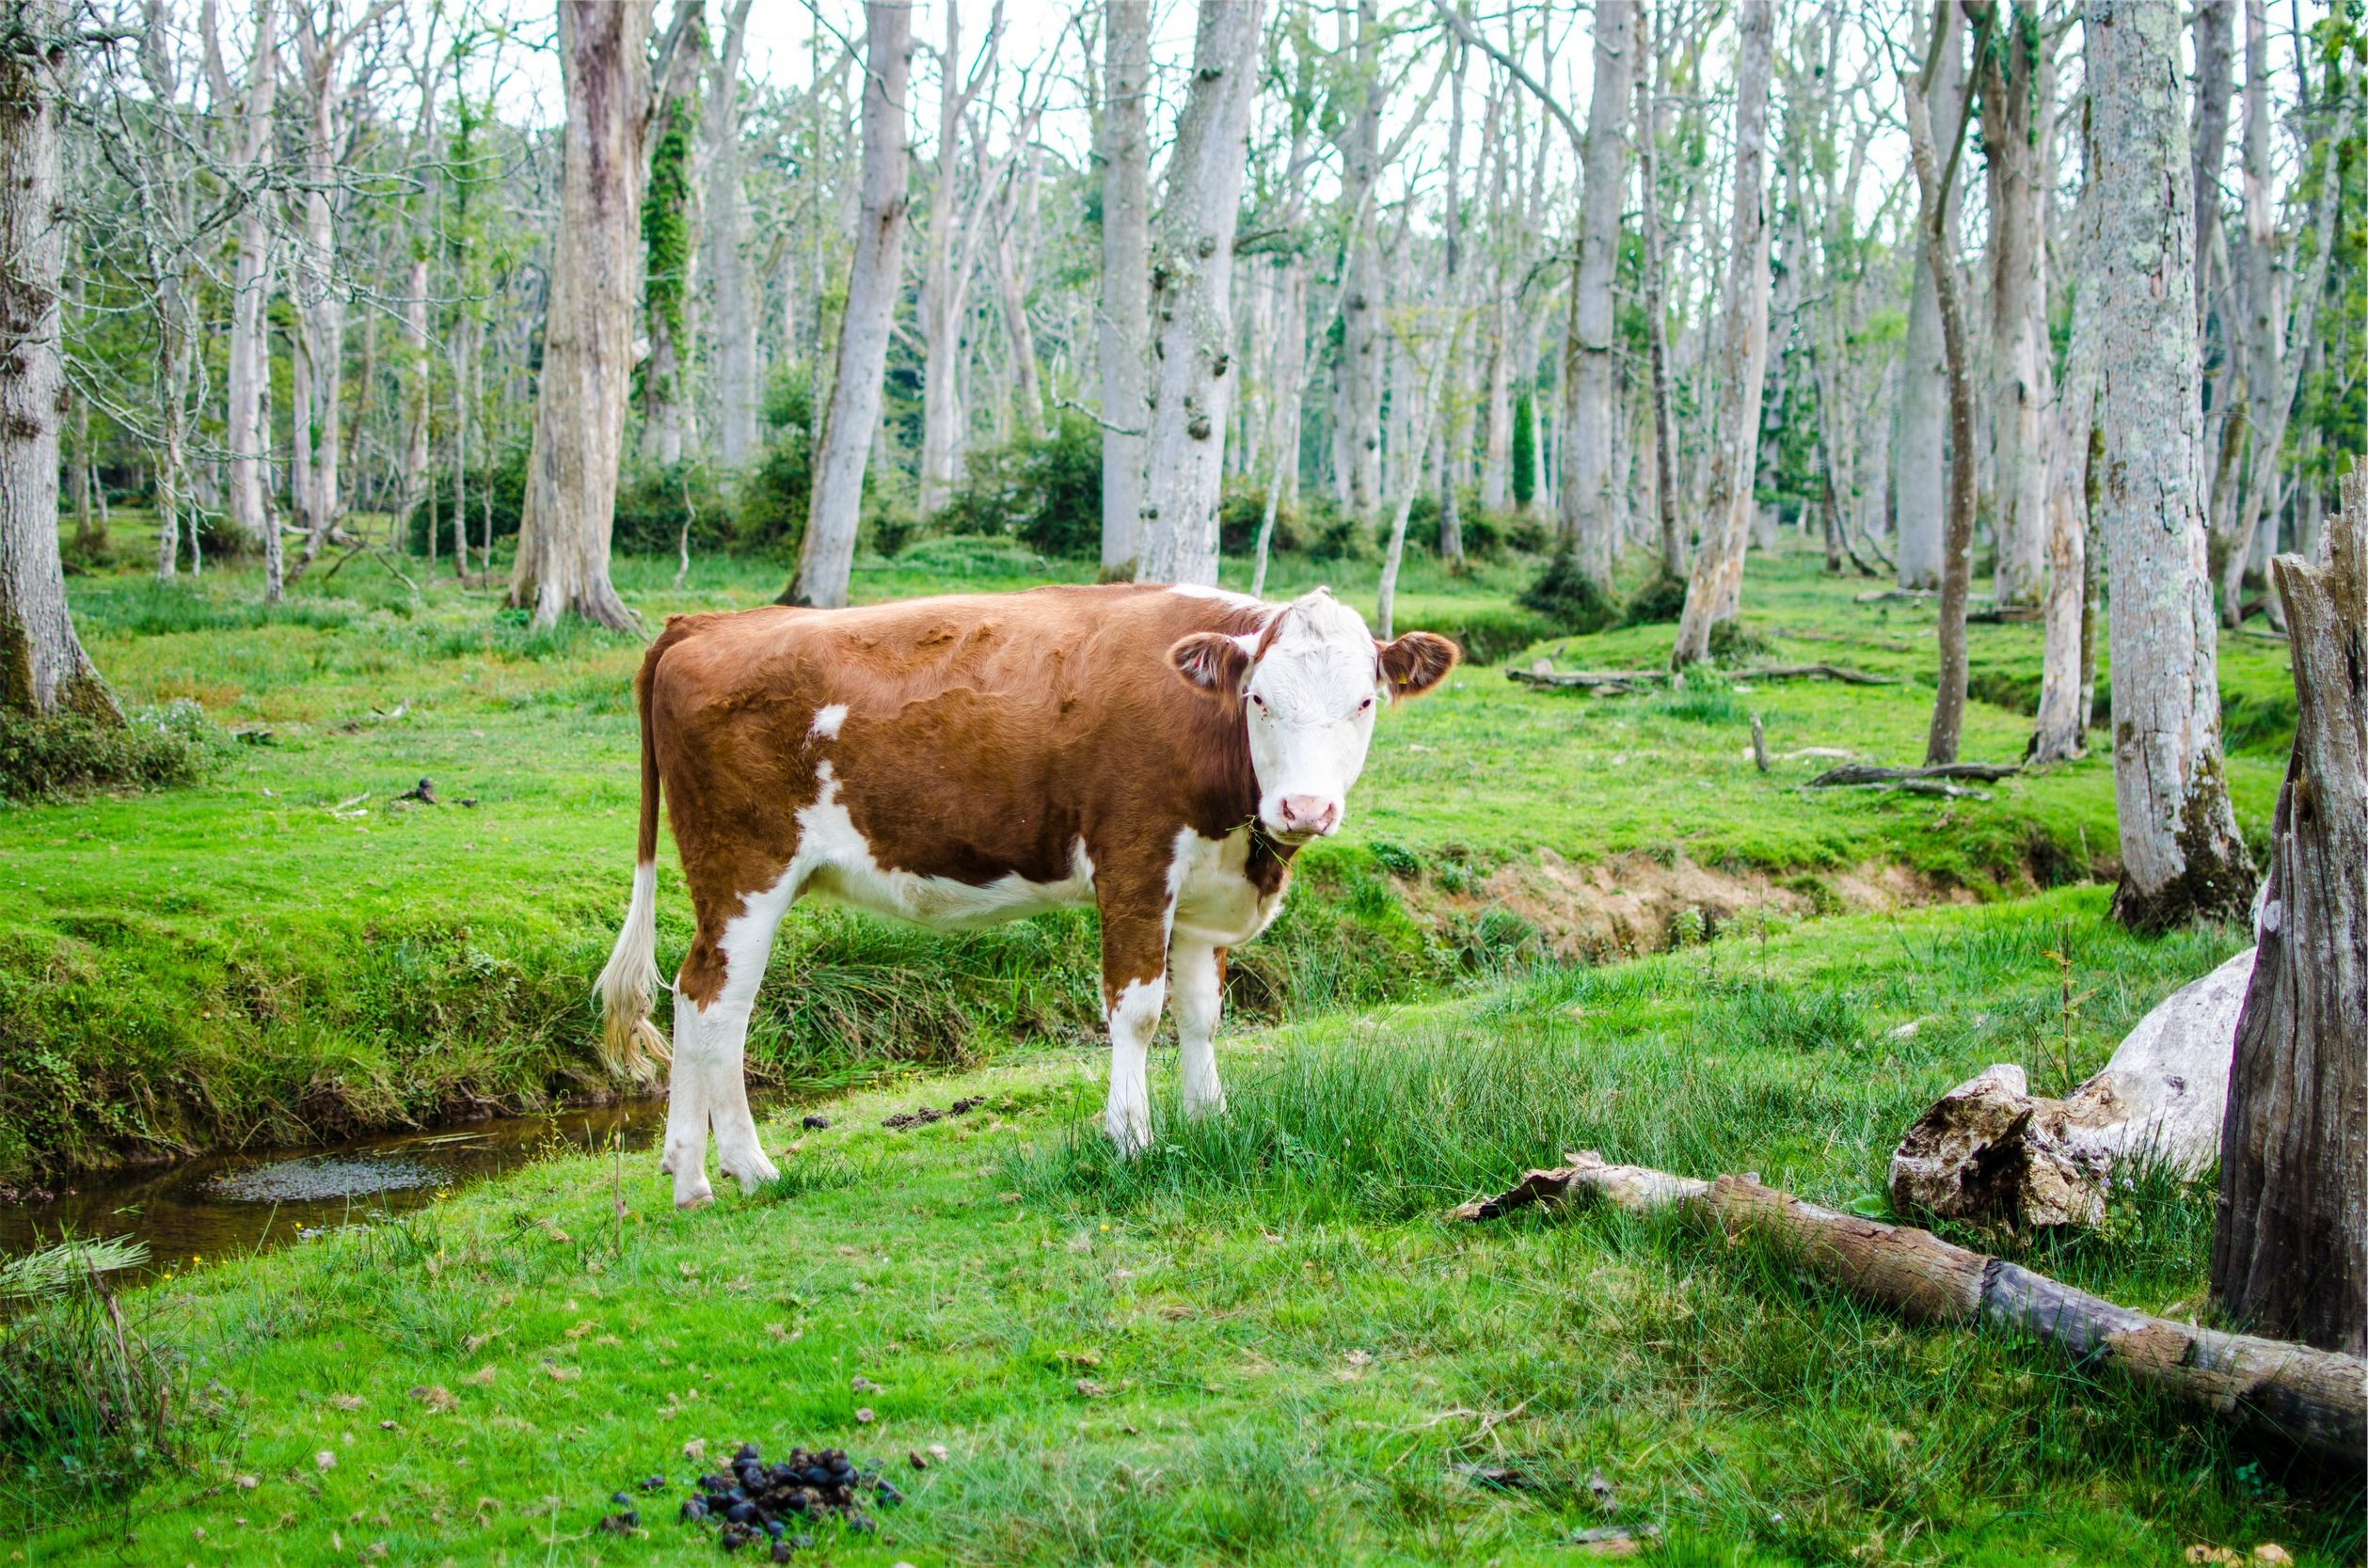 mucca, carne di vitello, foresta, sguardo, alberi - Sfondi HD - Professor-falken.com